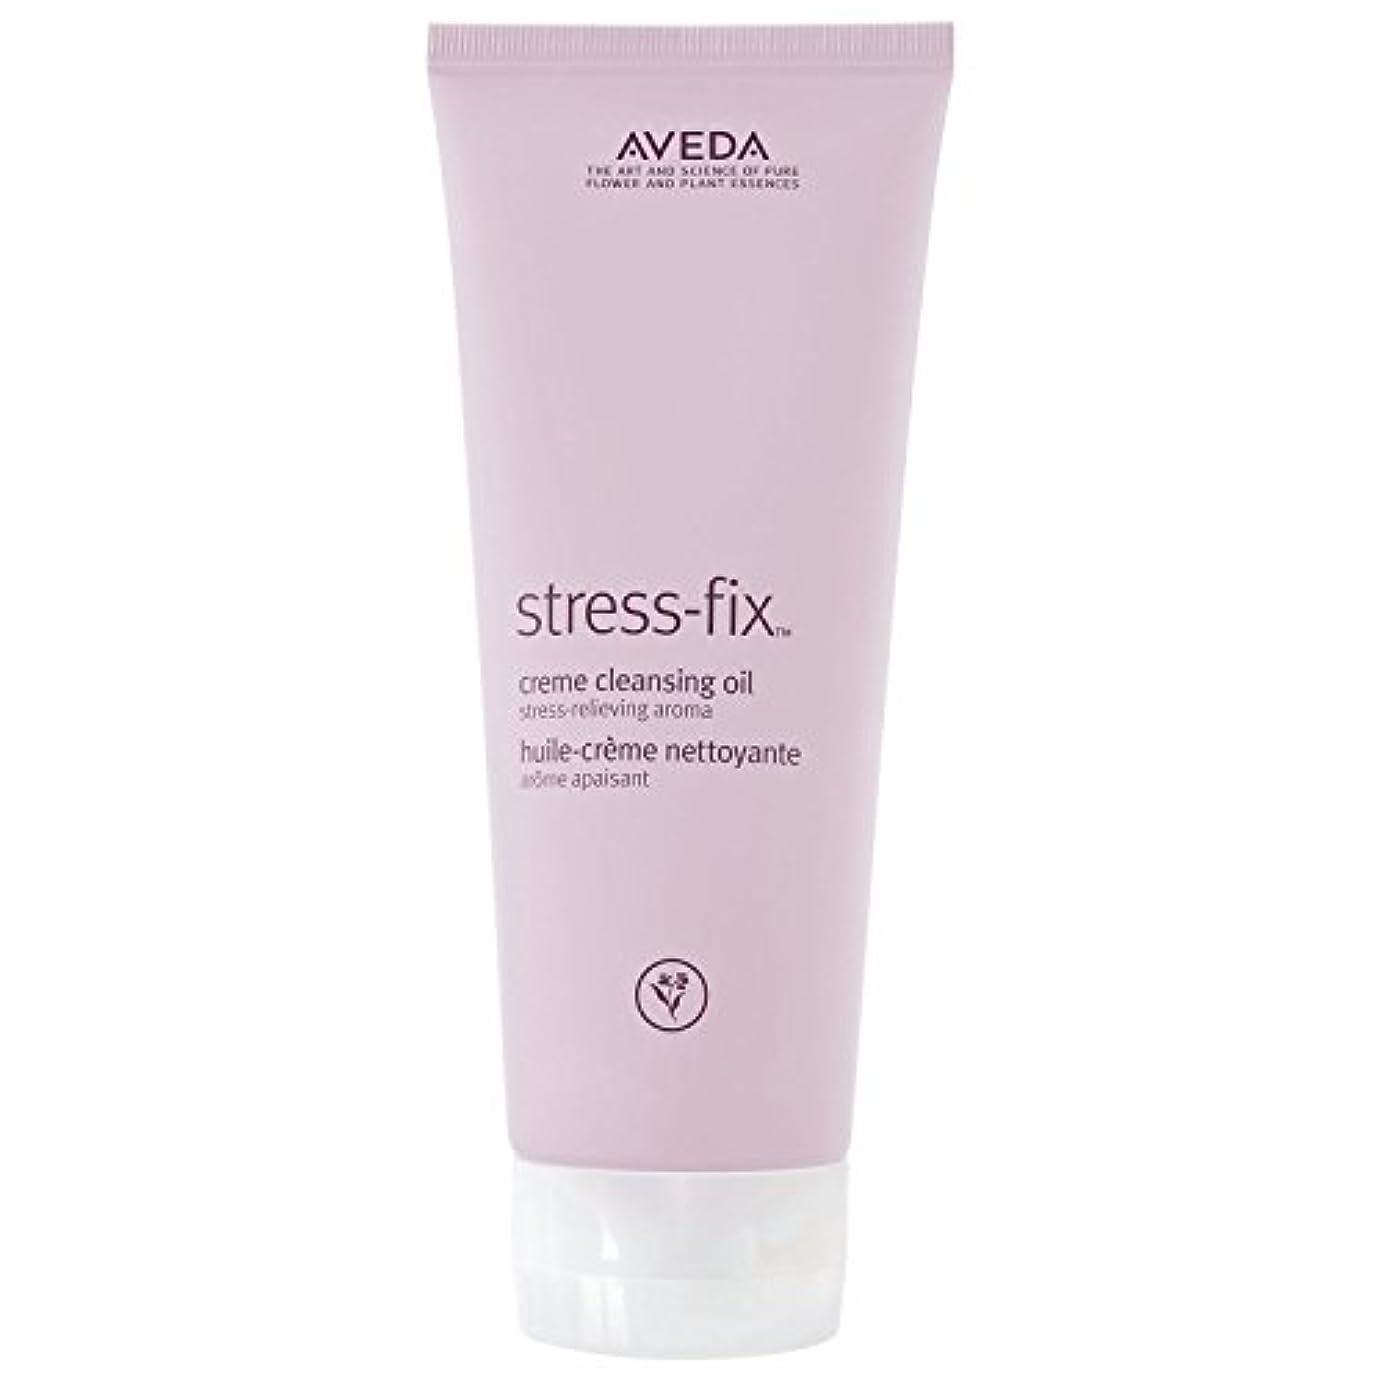 航空機収入予想外[AVEDA] アヴェダストレスフィックスクリームクレンジングオイル200ミリリットル - Aveda Stress Fix Creme Cleansing Oil 200ml [並行輸入品]